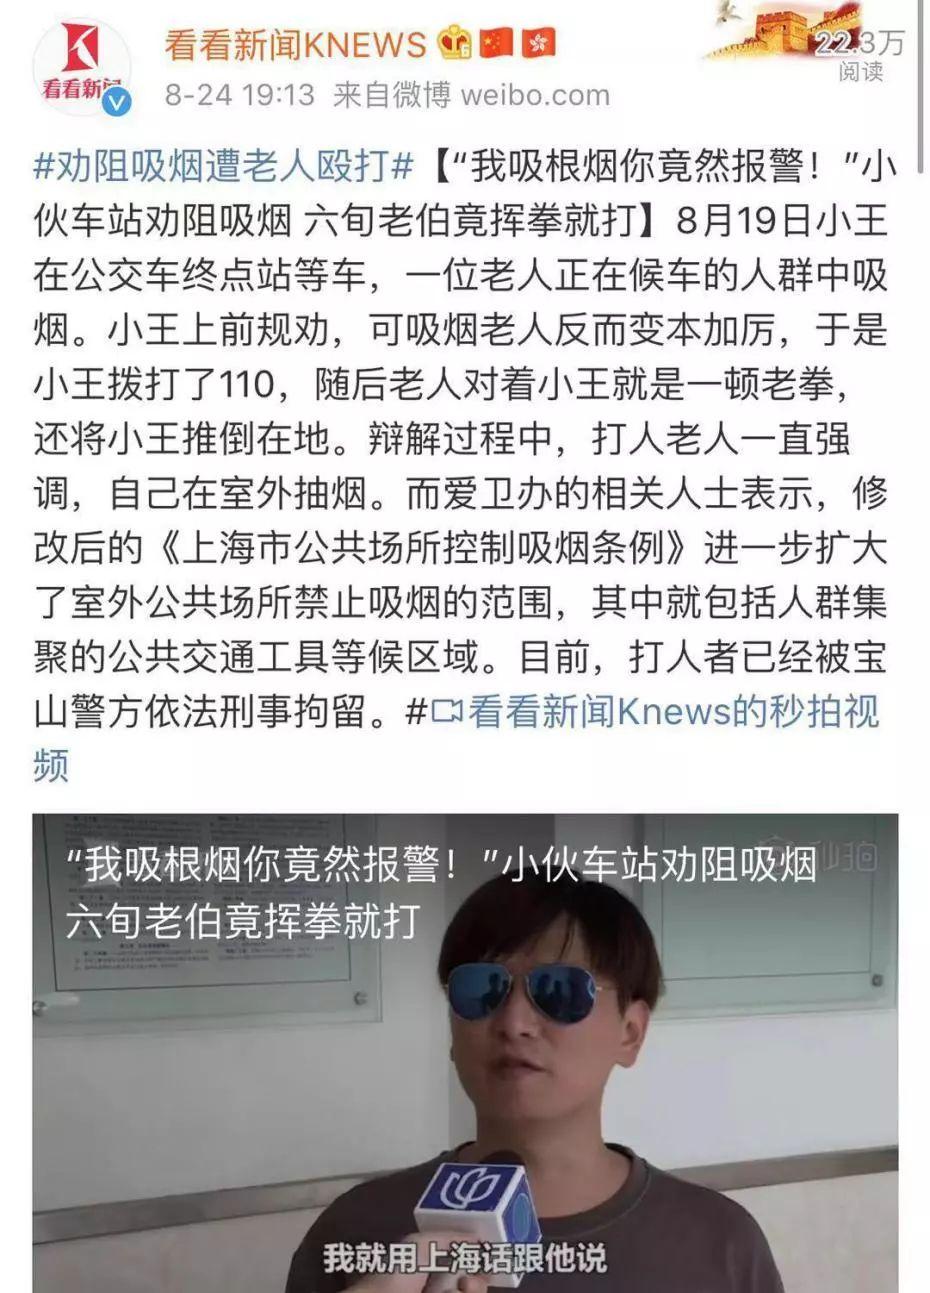 上海小伙劝阻老伯抽烟,反被一顿拳打险失明...结局引起舒适